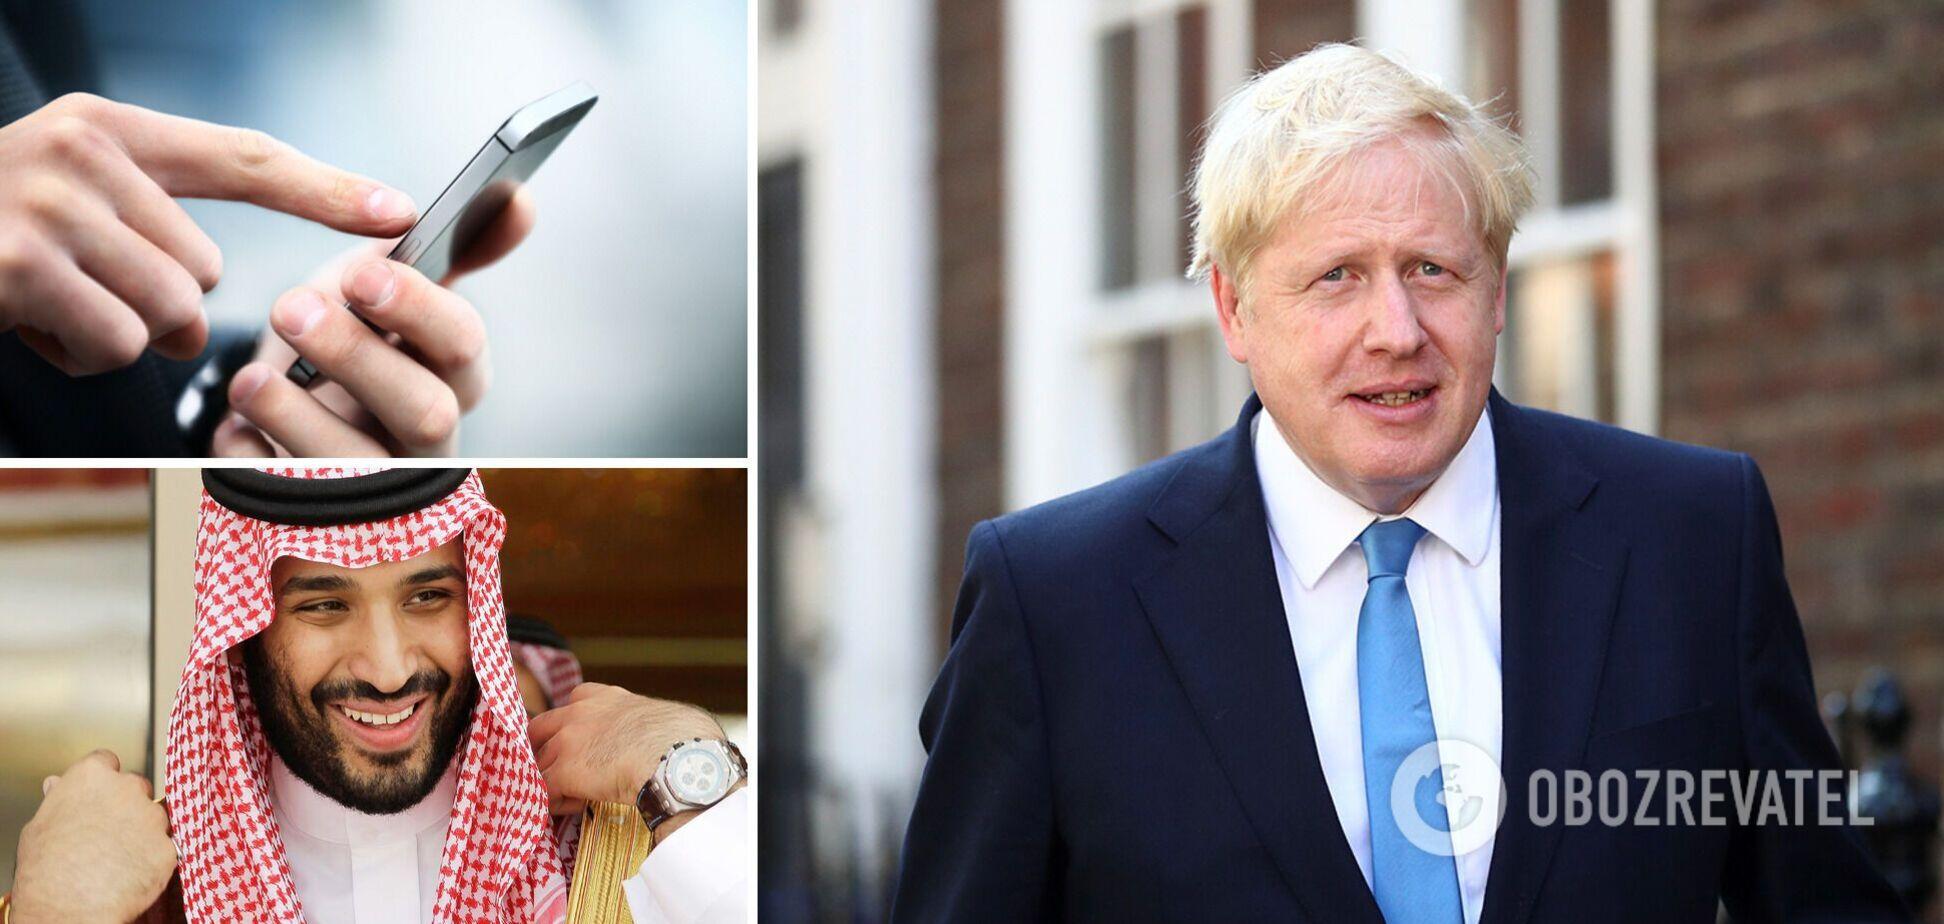 Прем'єр Британії Джонсон потрапив у скандал через смс принцу з особистого телефону